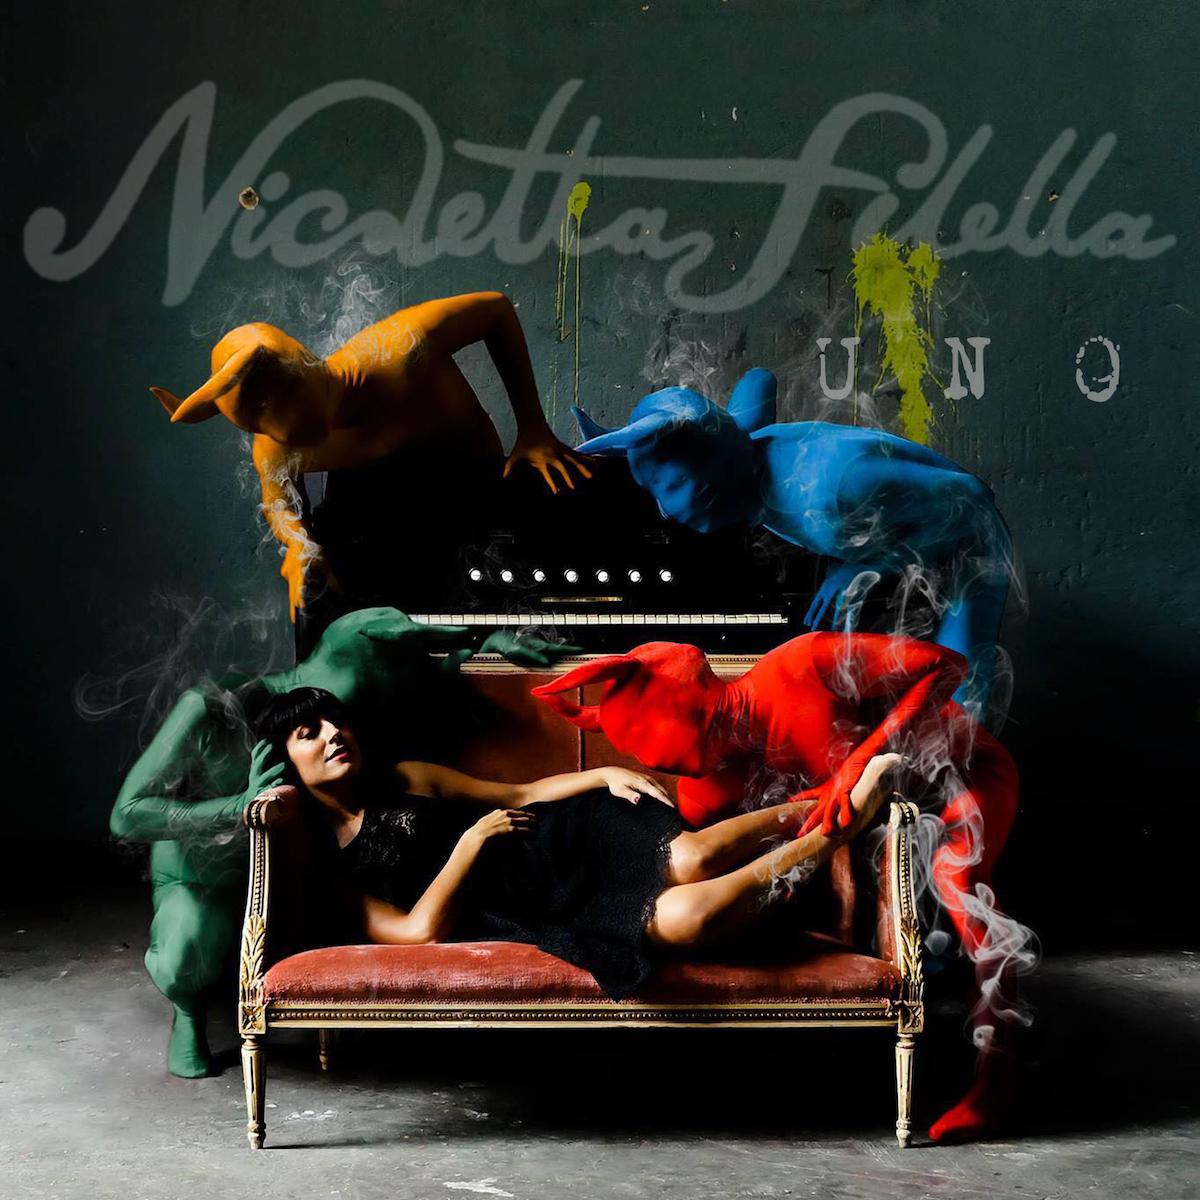 nicoletta filella uno cover credit dorothy bhawl grafica bruce stevens